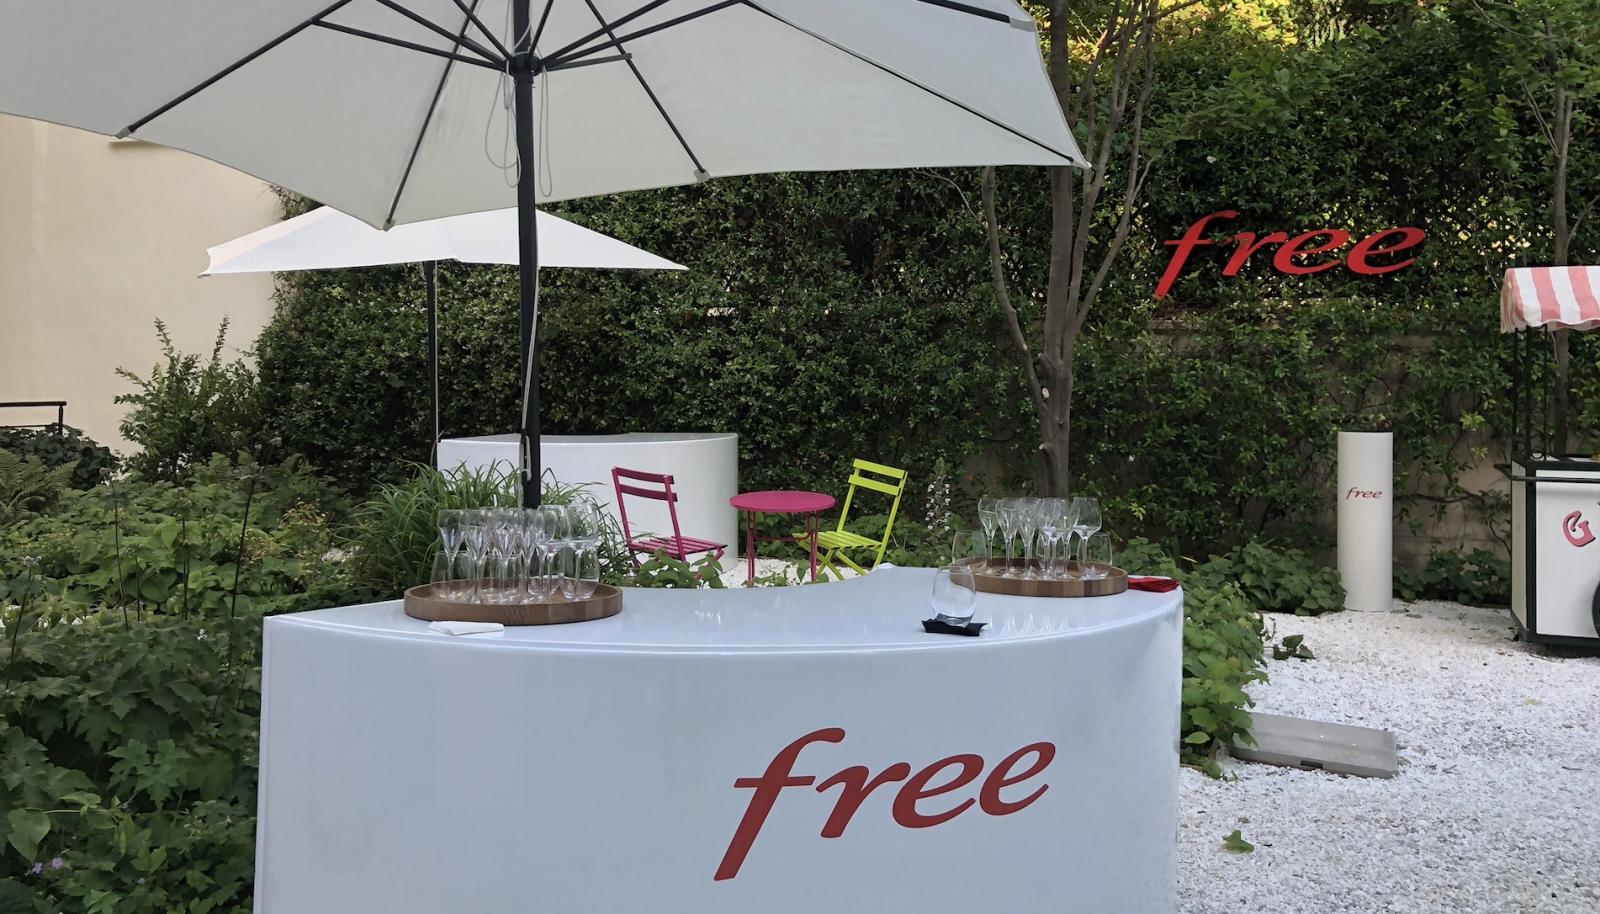 Les nouveautés de la semaine chez Free et Free Mobile : des offres spéciales sur les Freebox et le mobile, un service débarque et plus encore - Univers Freebox